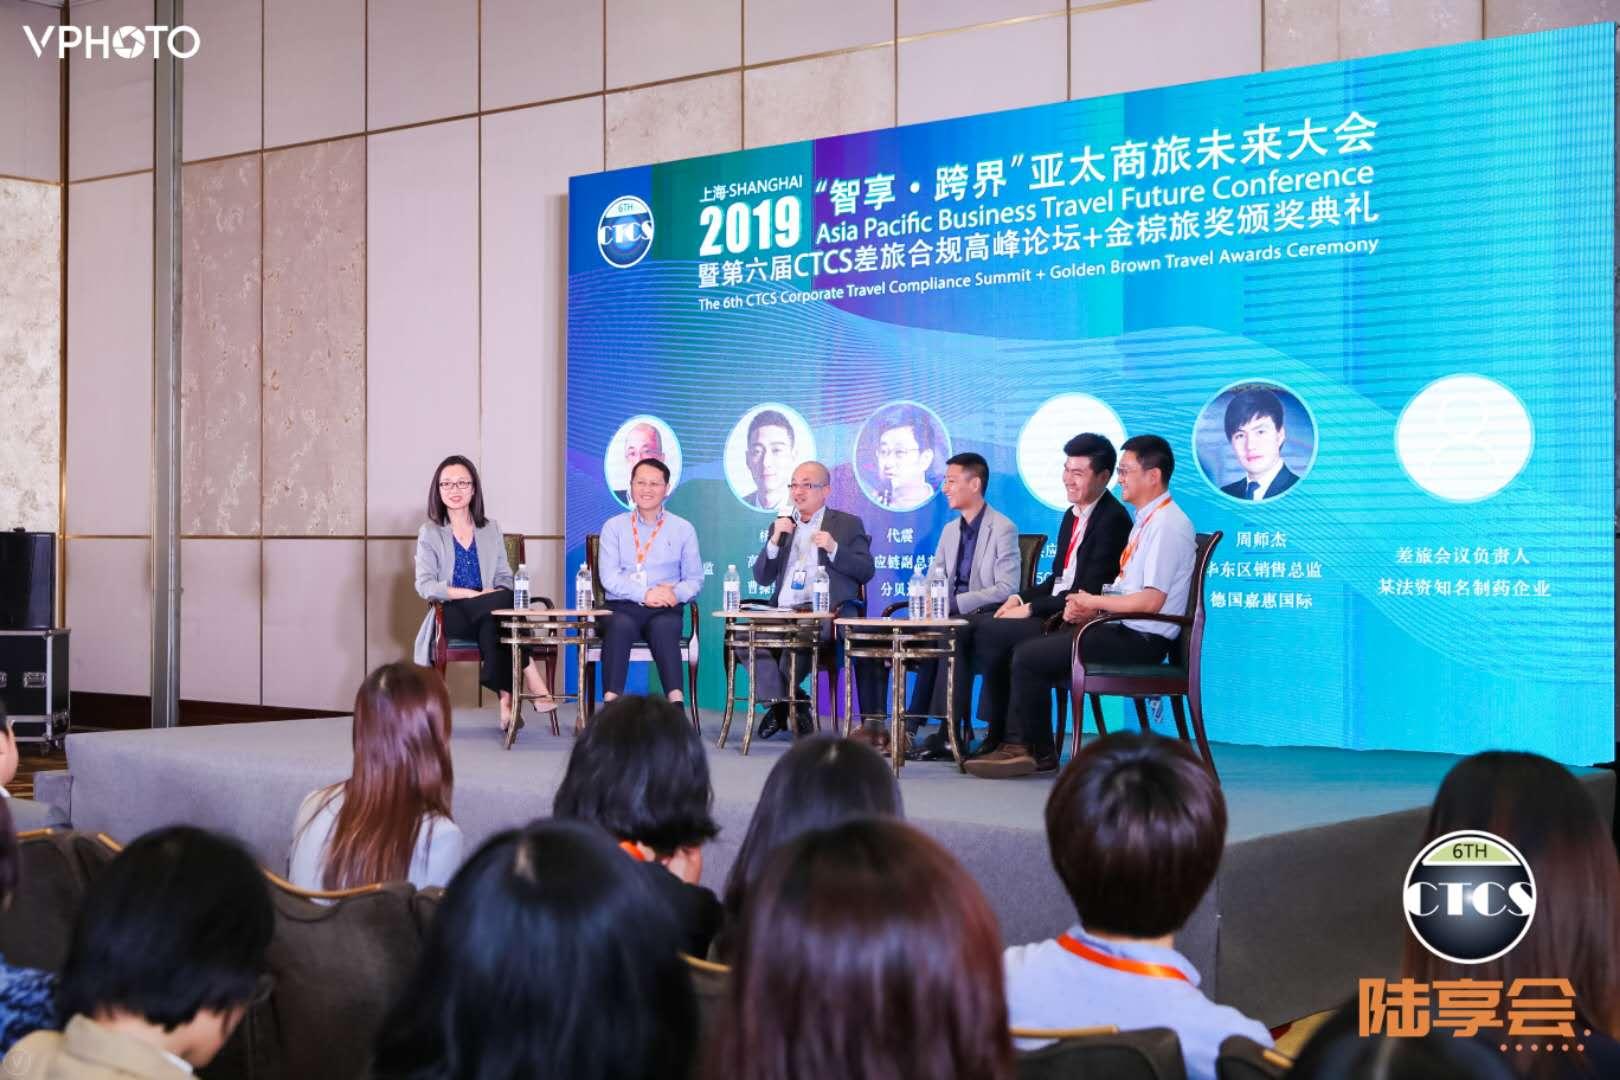 第七届CTCS China 2019 打造企业差旅费控全产业链服务峰会(上海)